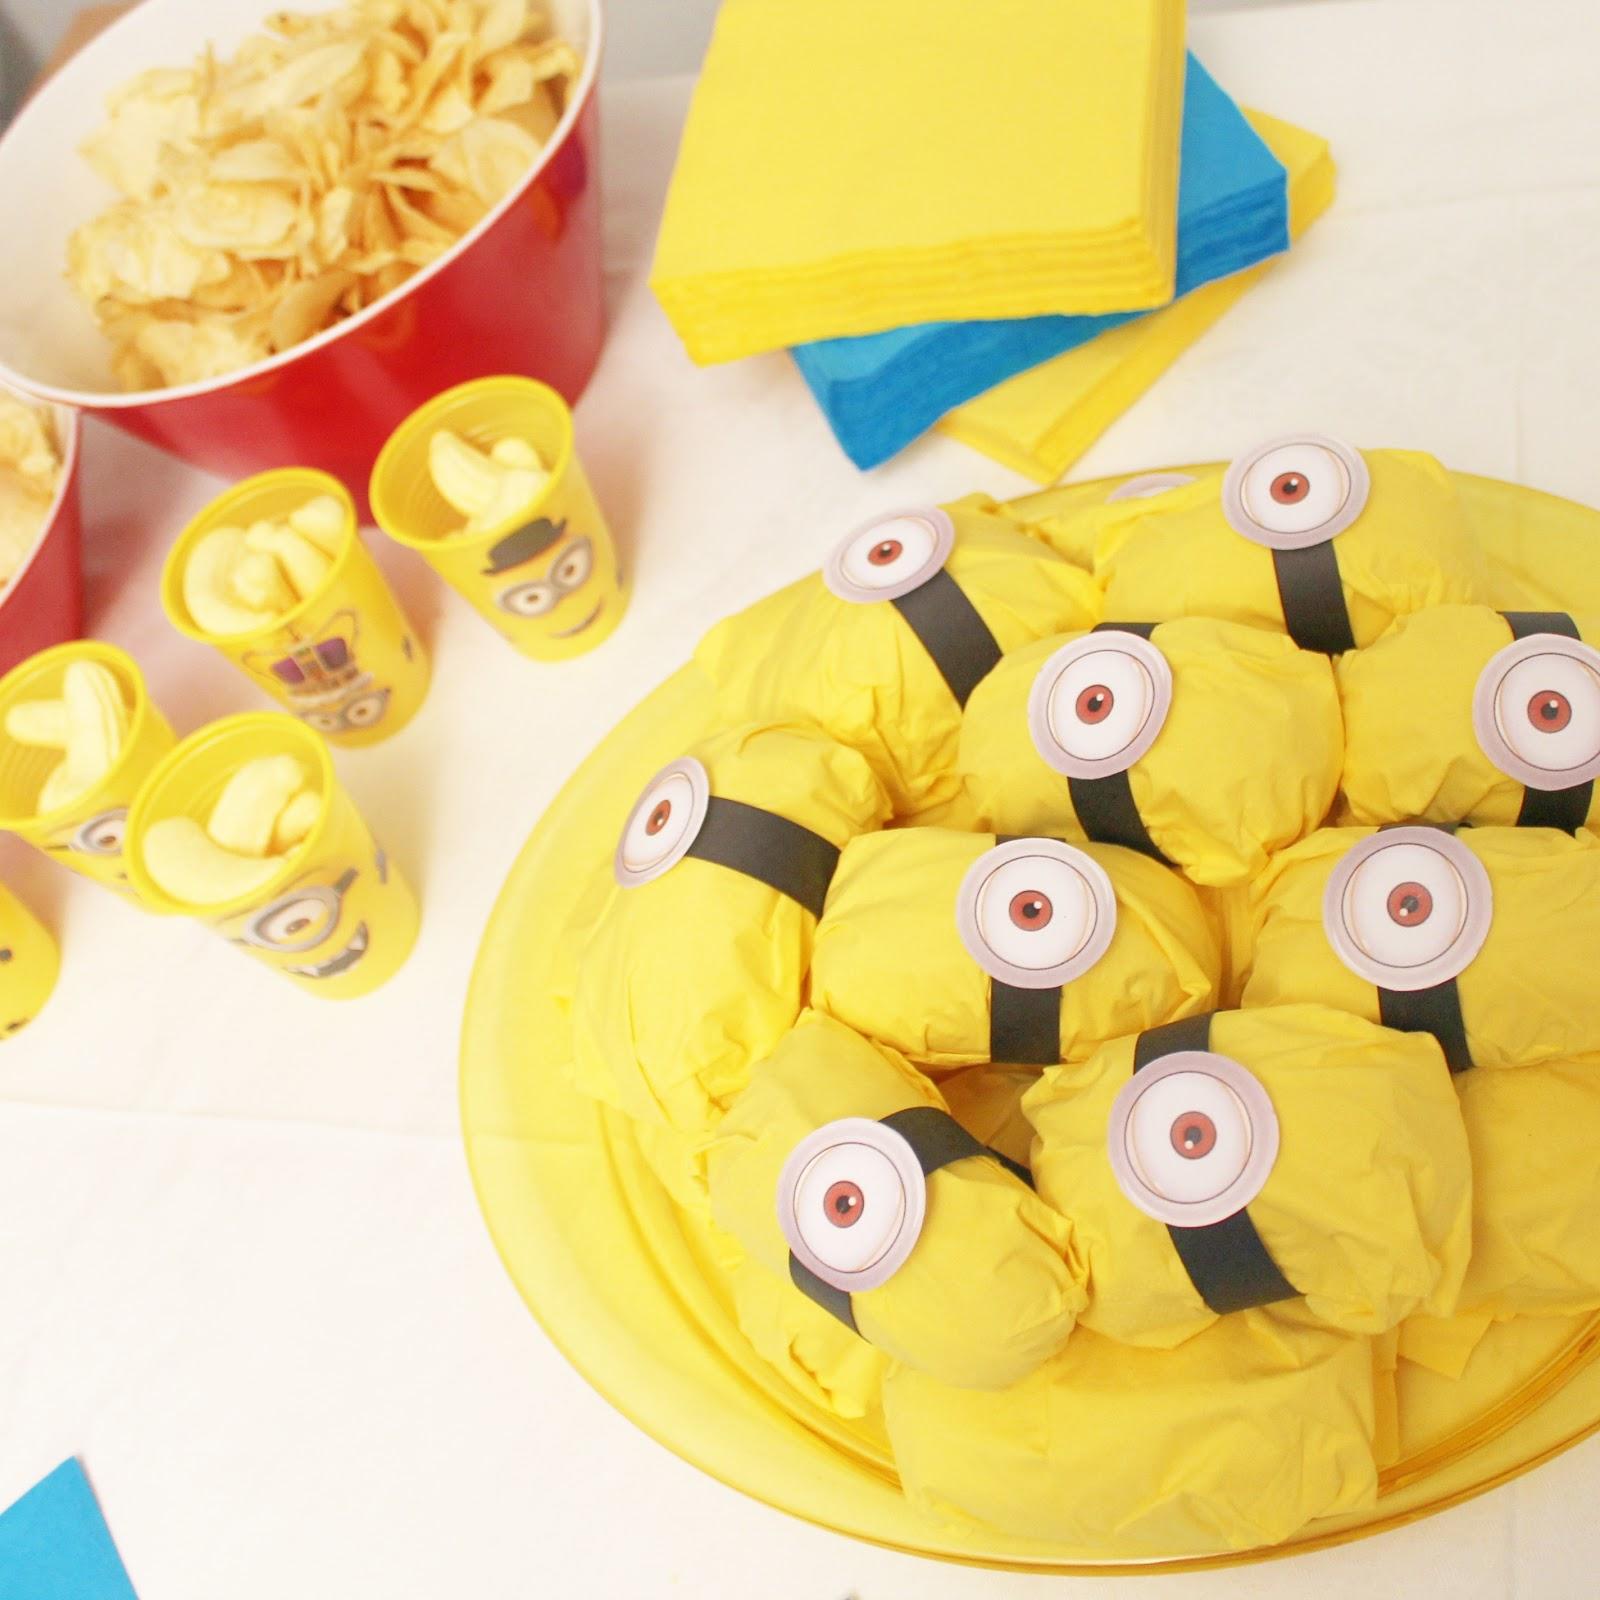 Amato Mammacheschifo!: Un compleanno in giallo ZY08